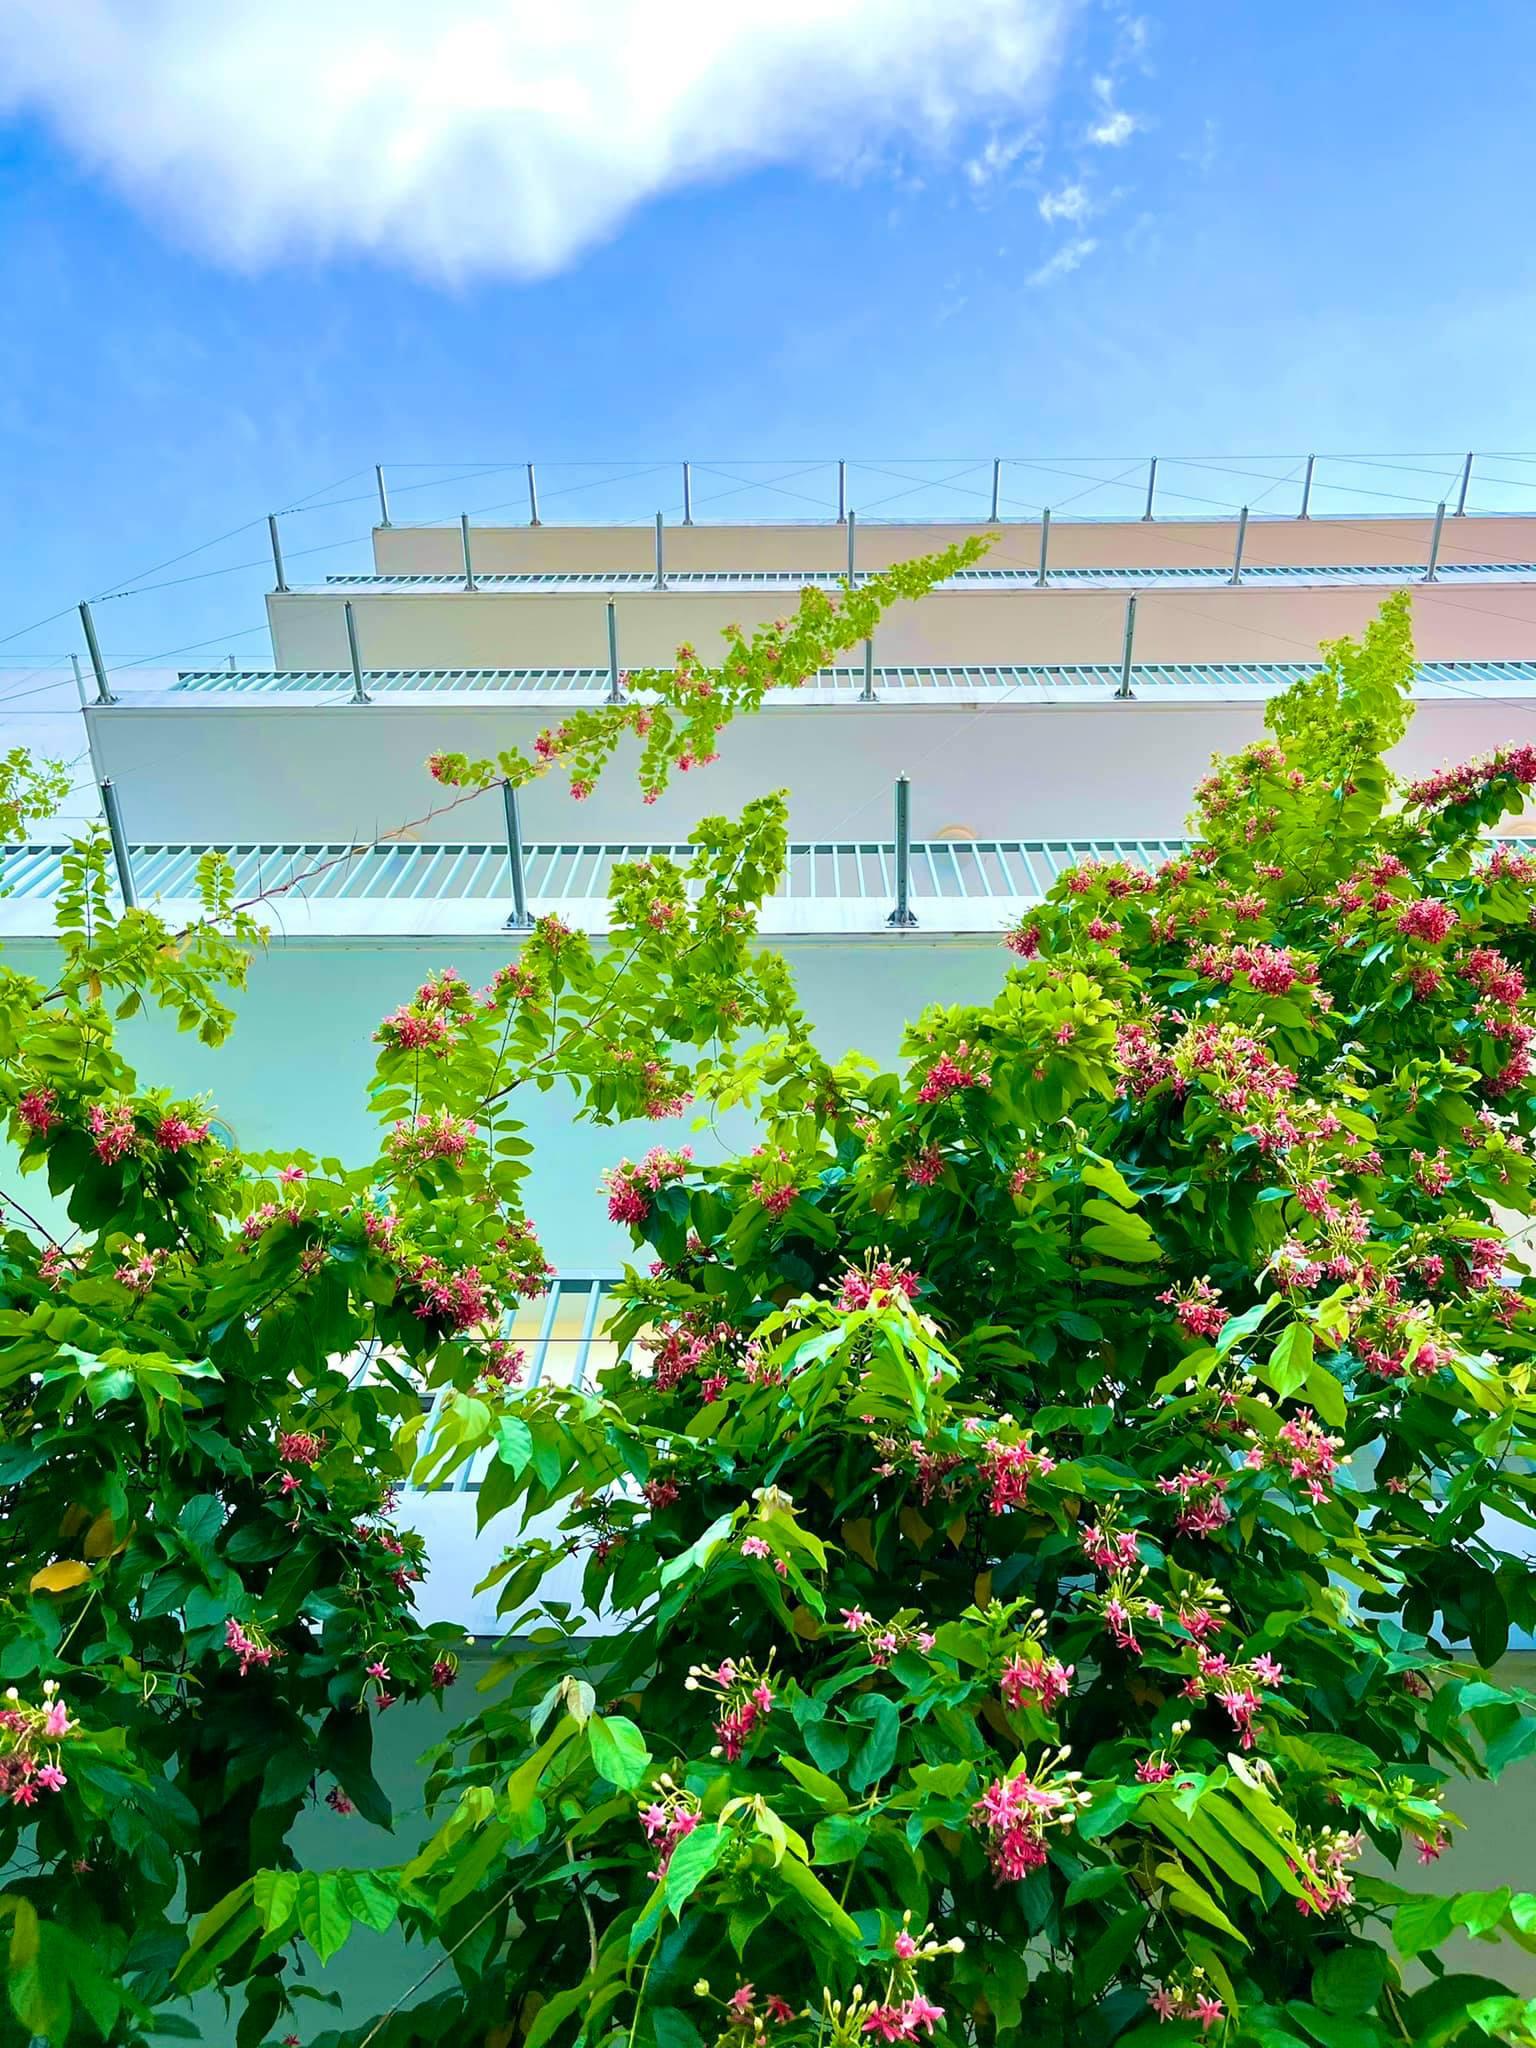 Cận cảnh khu cách ly Covid-19 xanh mát tại campus Hòa Lạc - Ảnh 3.